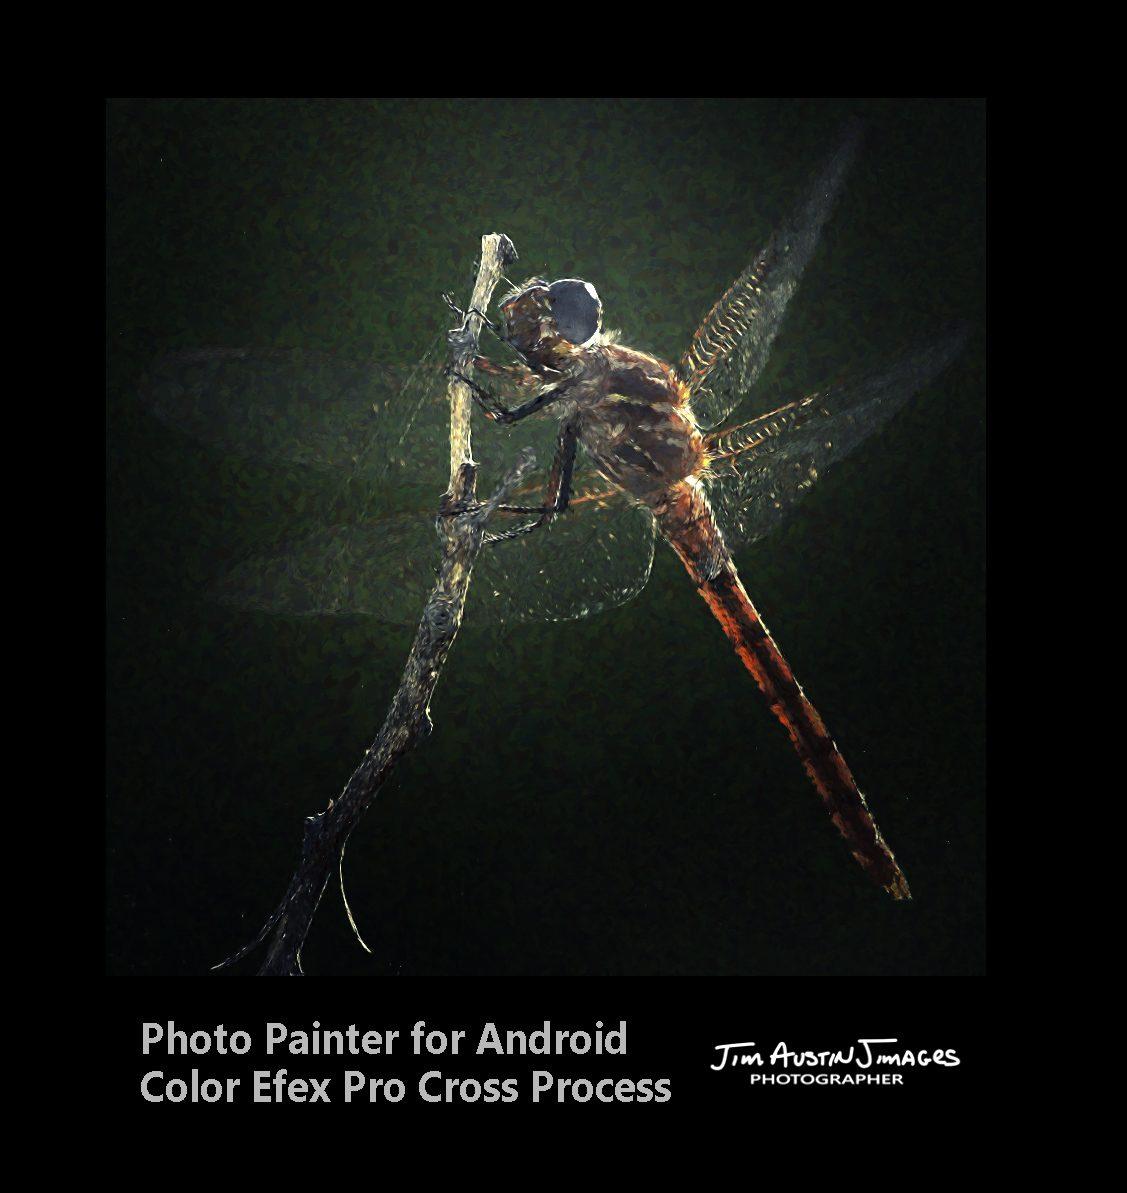 Dragonfly Photo Painter Color Efex Pro Jim Austin Jimages